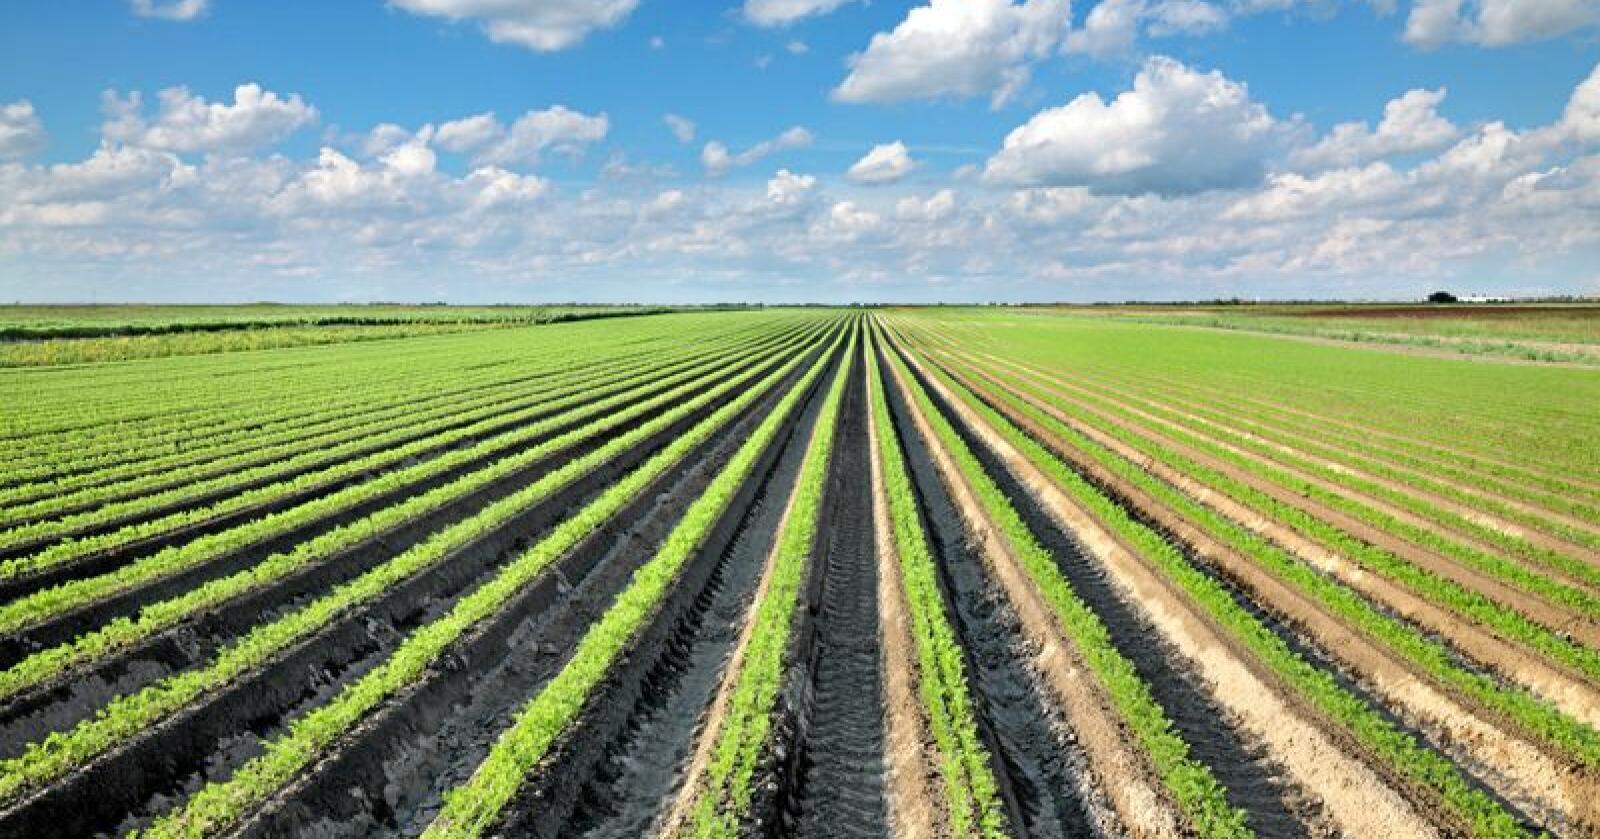 Næringsinnhold: Måten vi behandler jorda vi dyrker maten vår i påvirker innholdet av vitaminer og mineraler i maten. Foto: Simin Zoran / Mostphotos